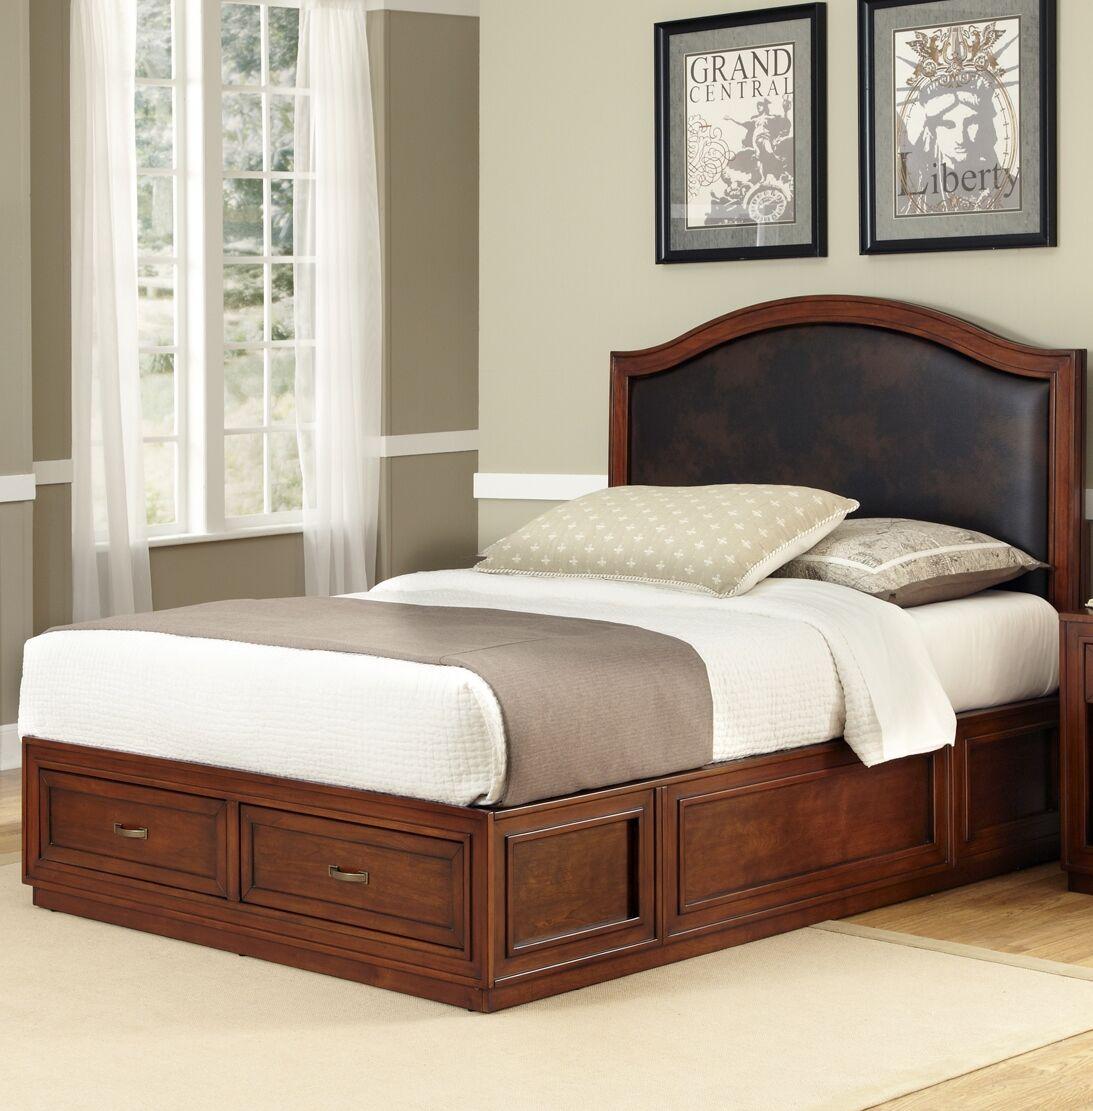 Myra Queen Upholstered Platform Bed Color: Cherry